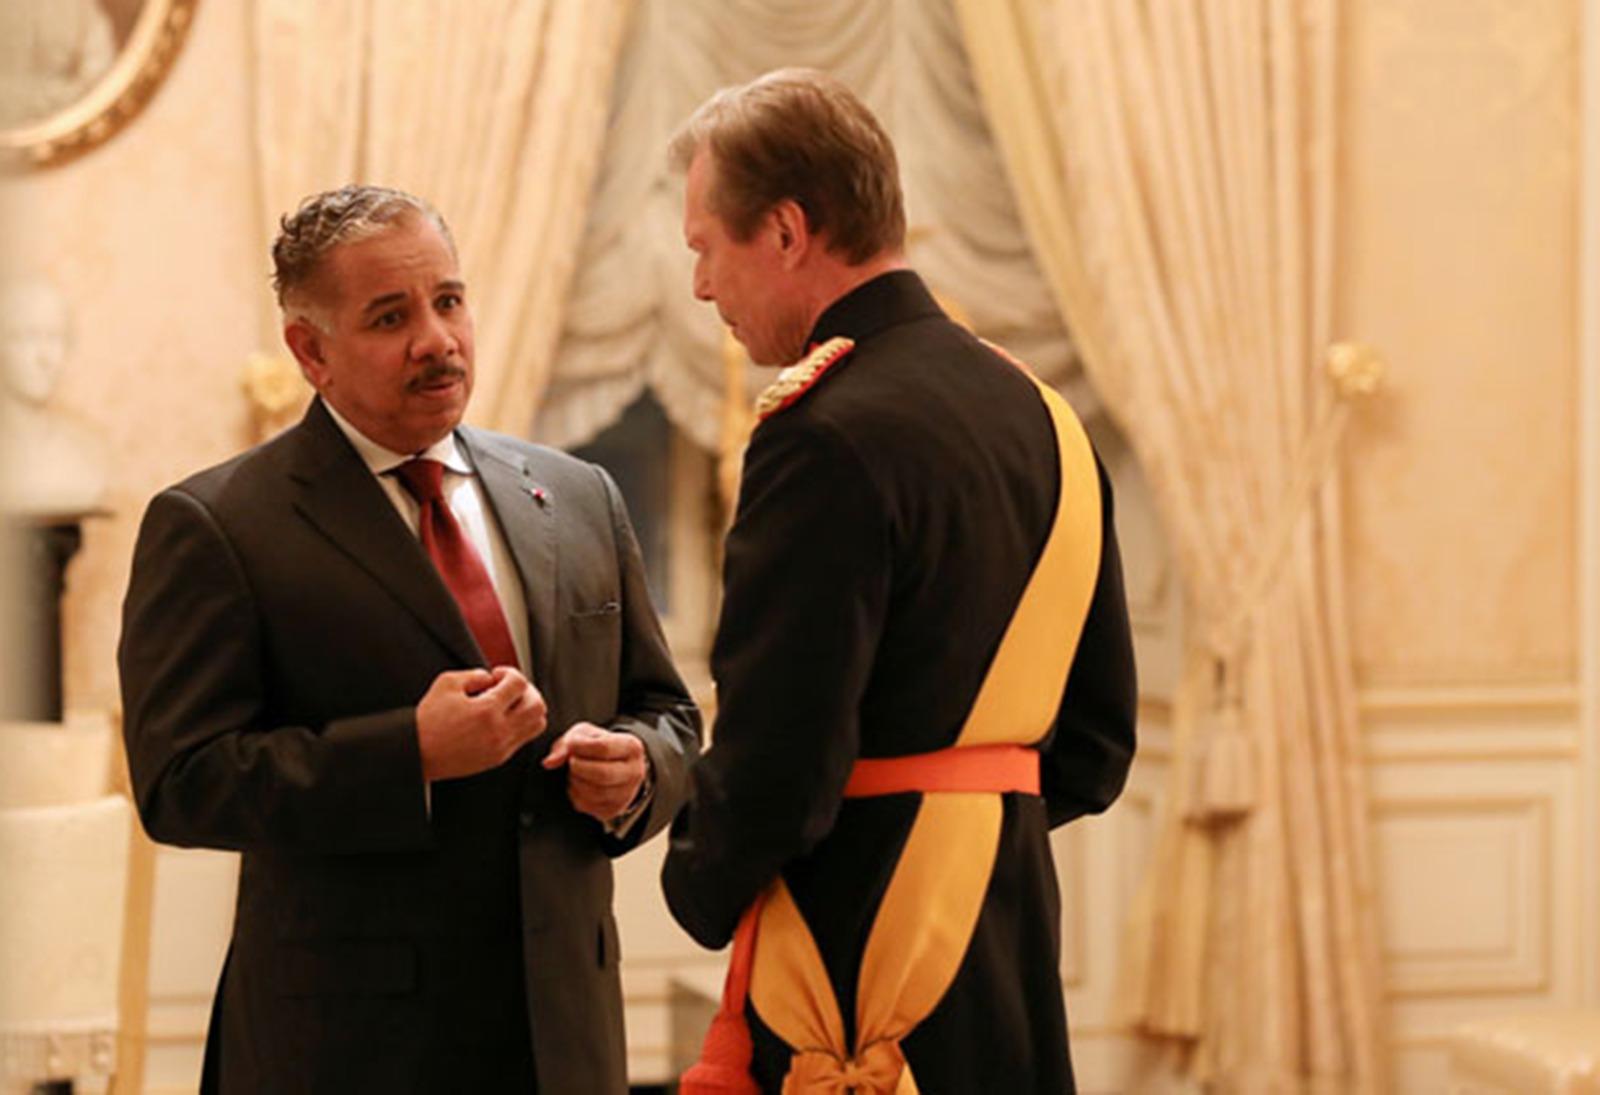 دوق لكسمبورج الأكبر يستقبل سفير قطر